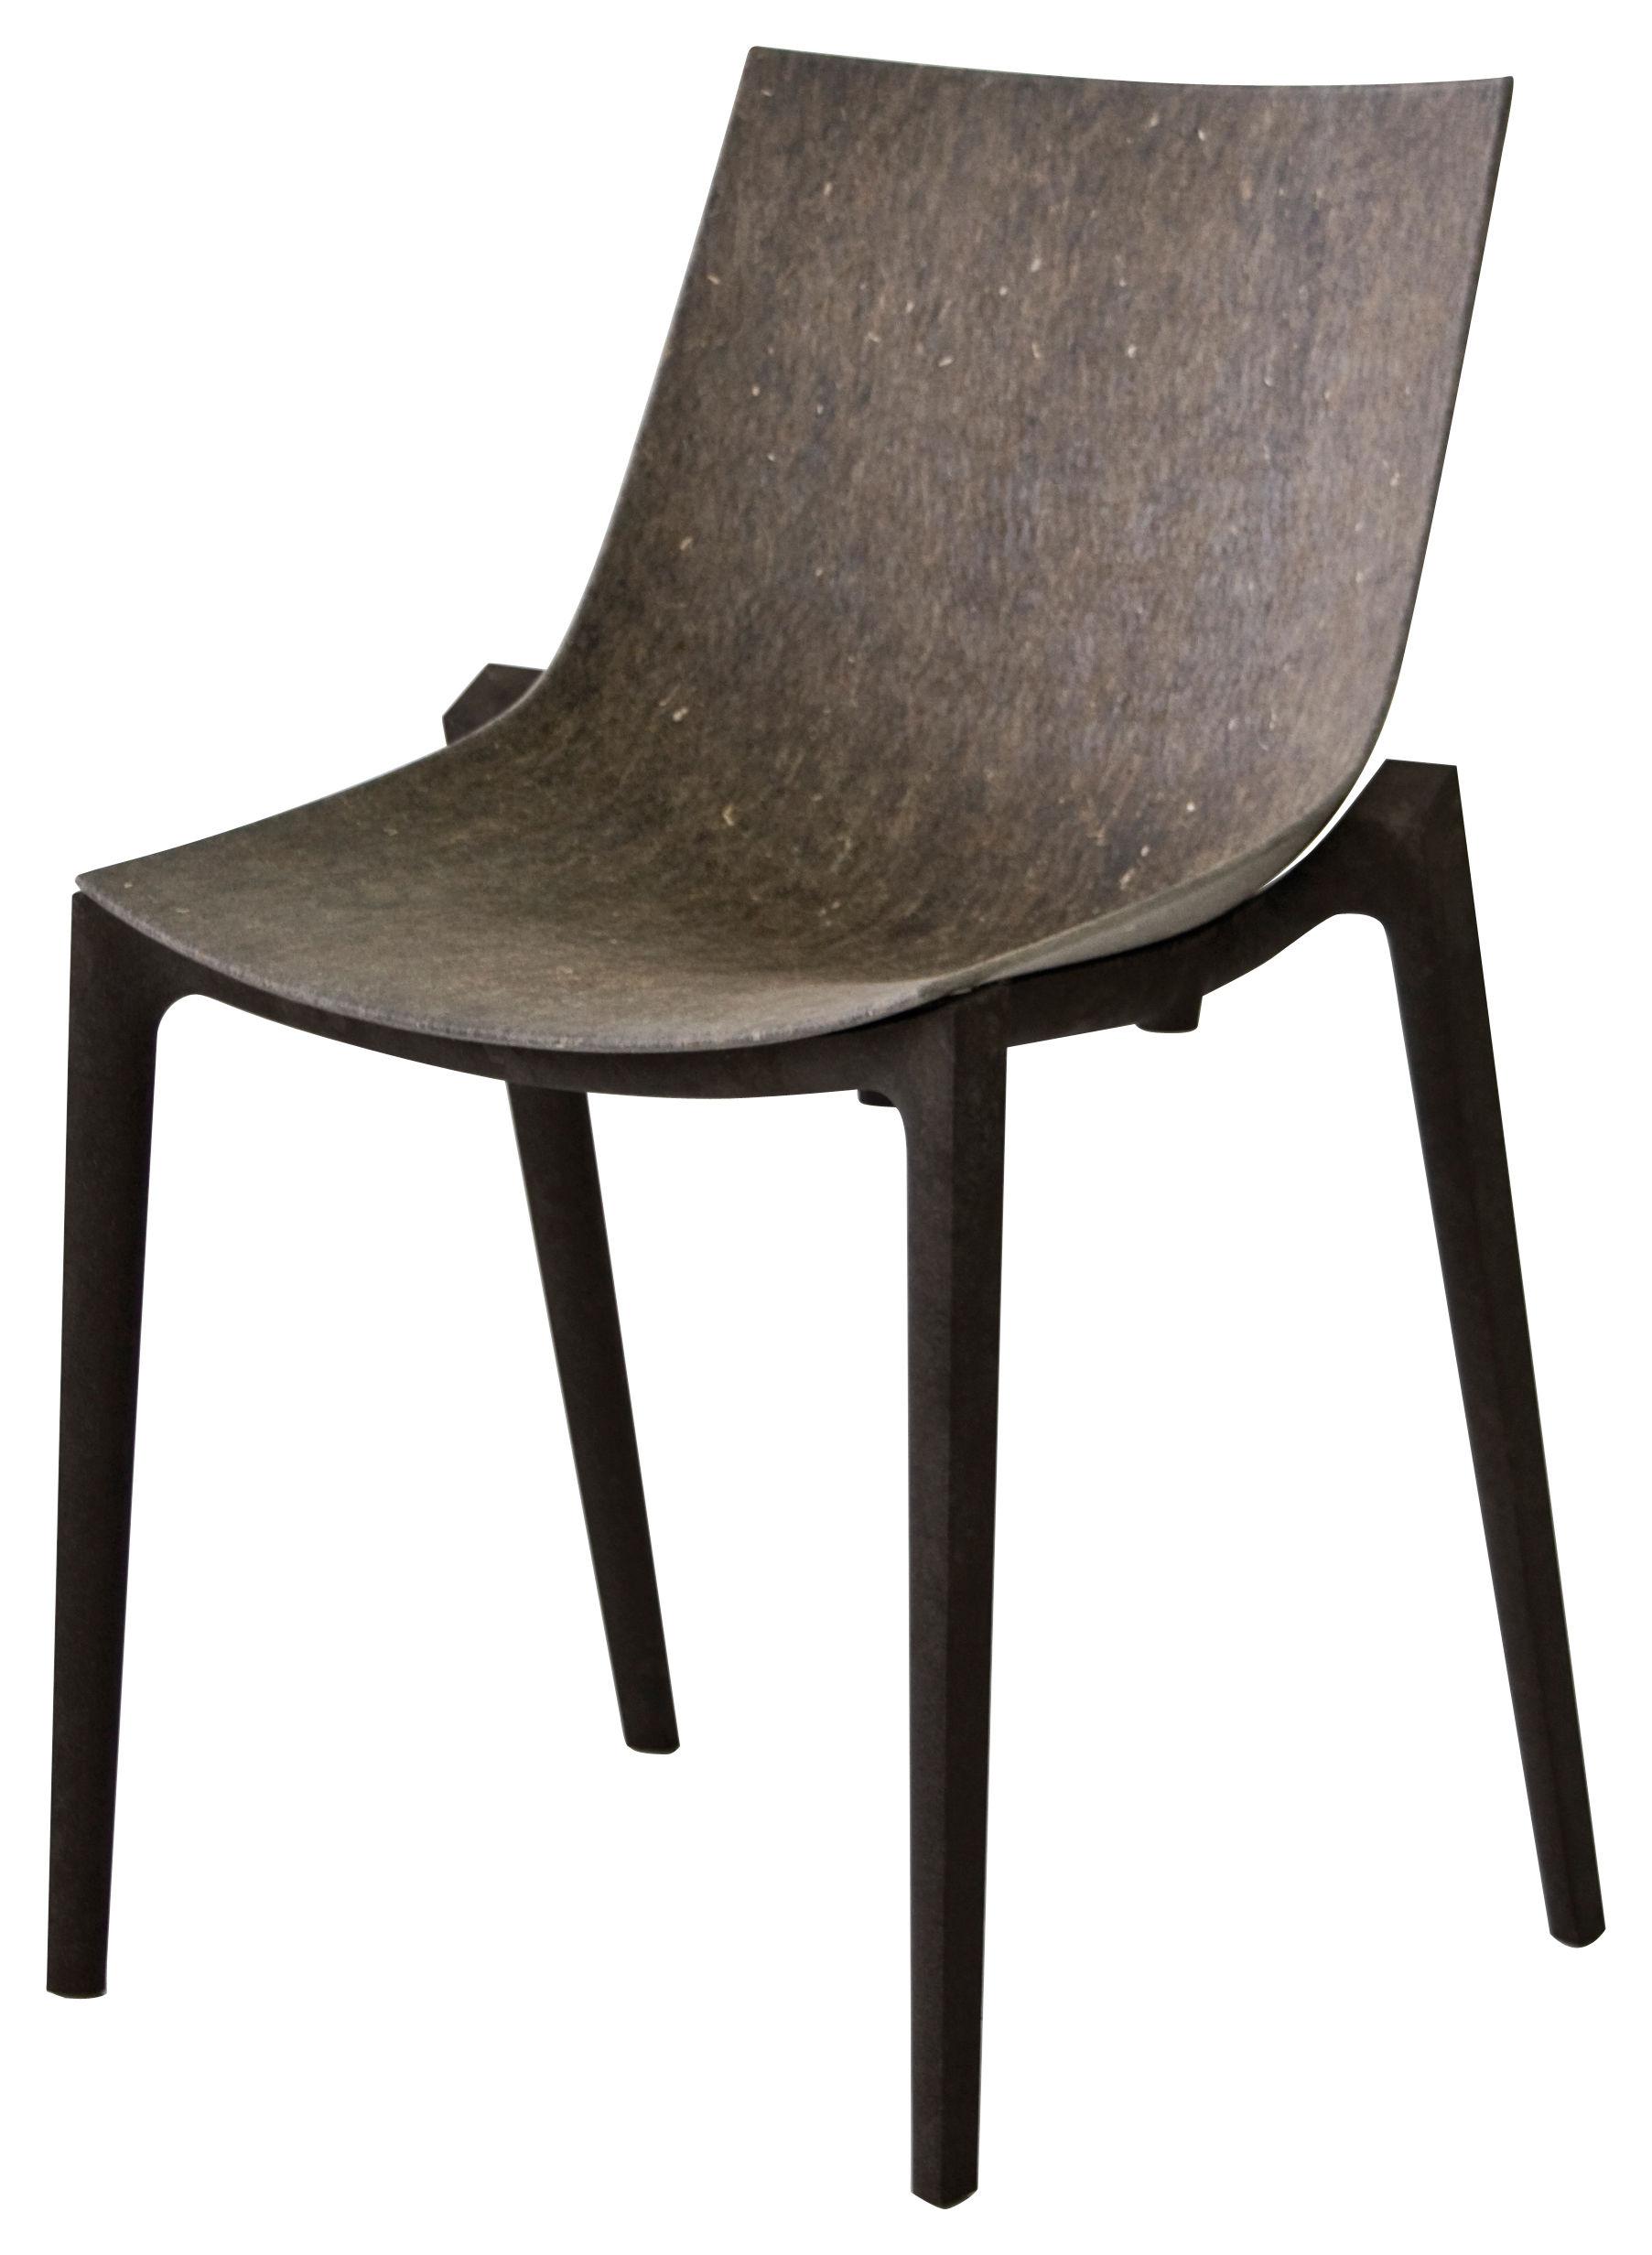 Mobilier - Chaise empilable Zartan Eco /Fibre de chanvre - Magis - Fibre de chanvre / Gris - Fibre de chanvre, Polypropylène recyclé